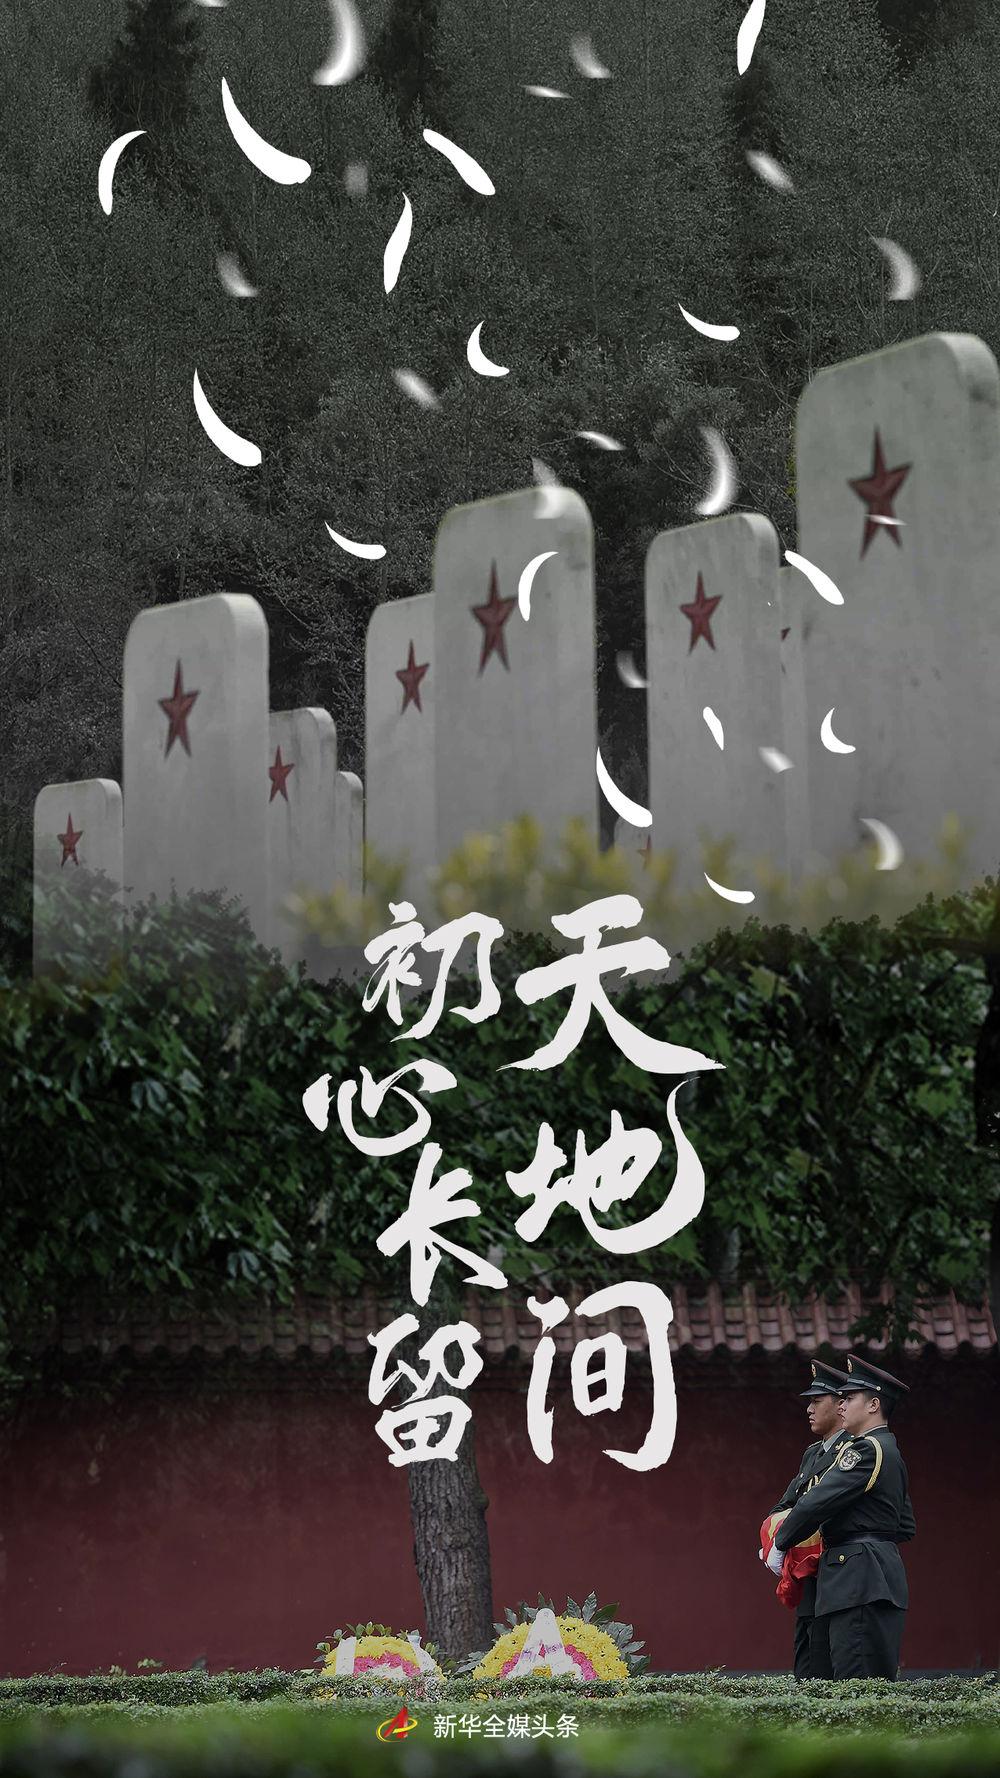 初心長留天地間——獻給百年來奉獻犧牲的中國共產黨人